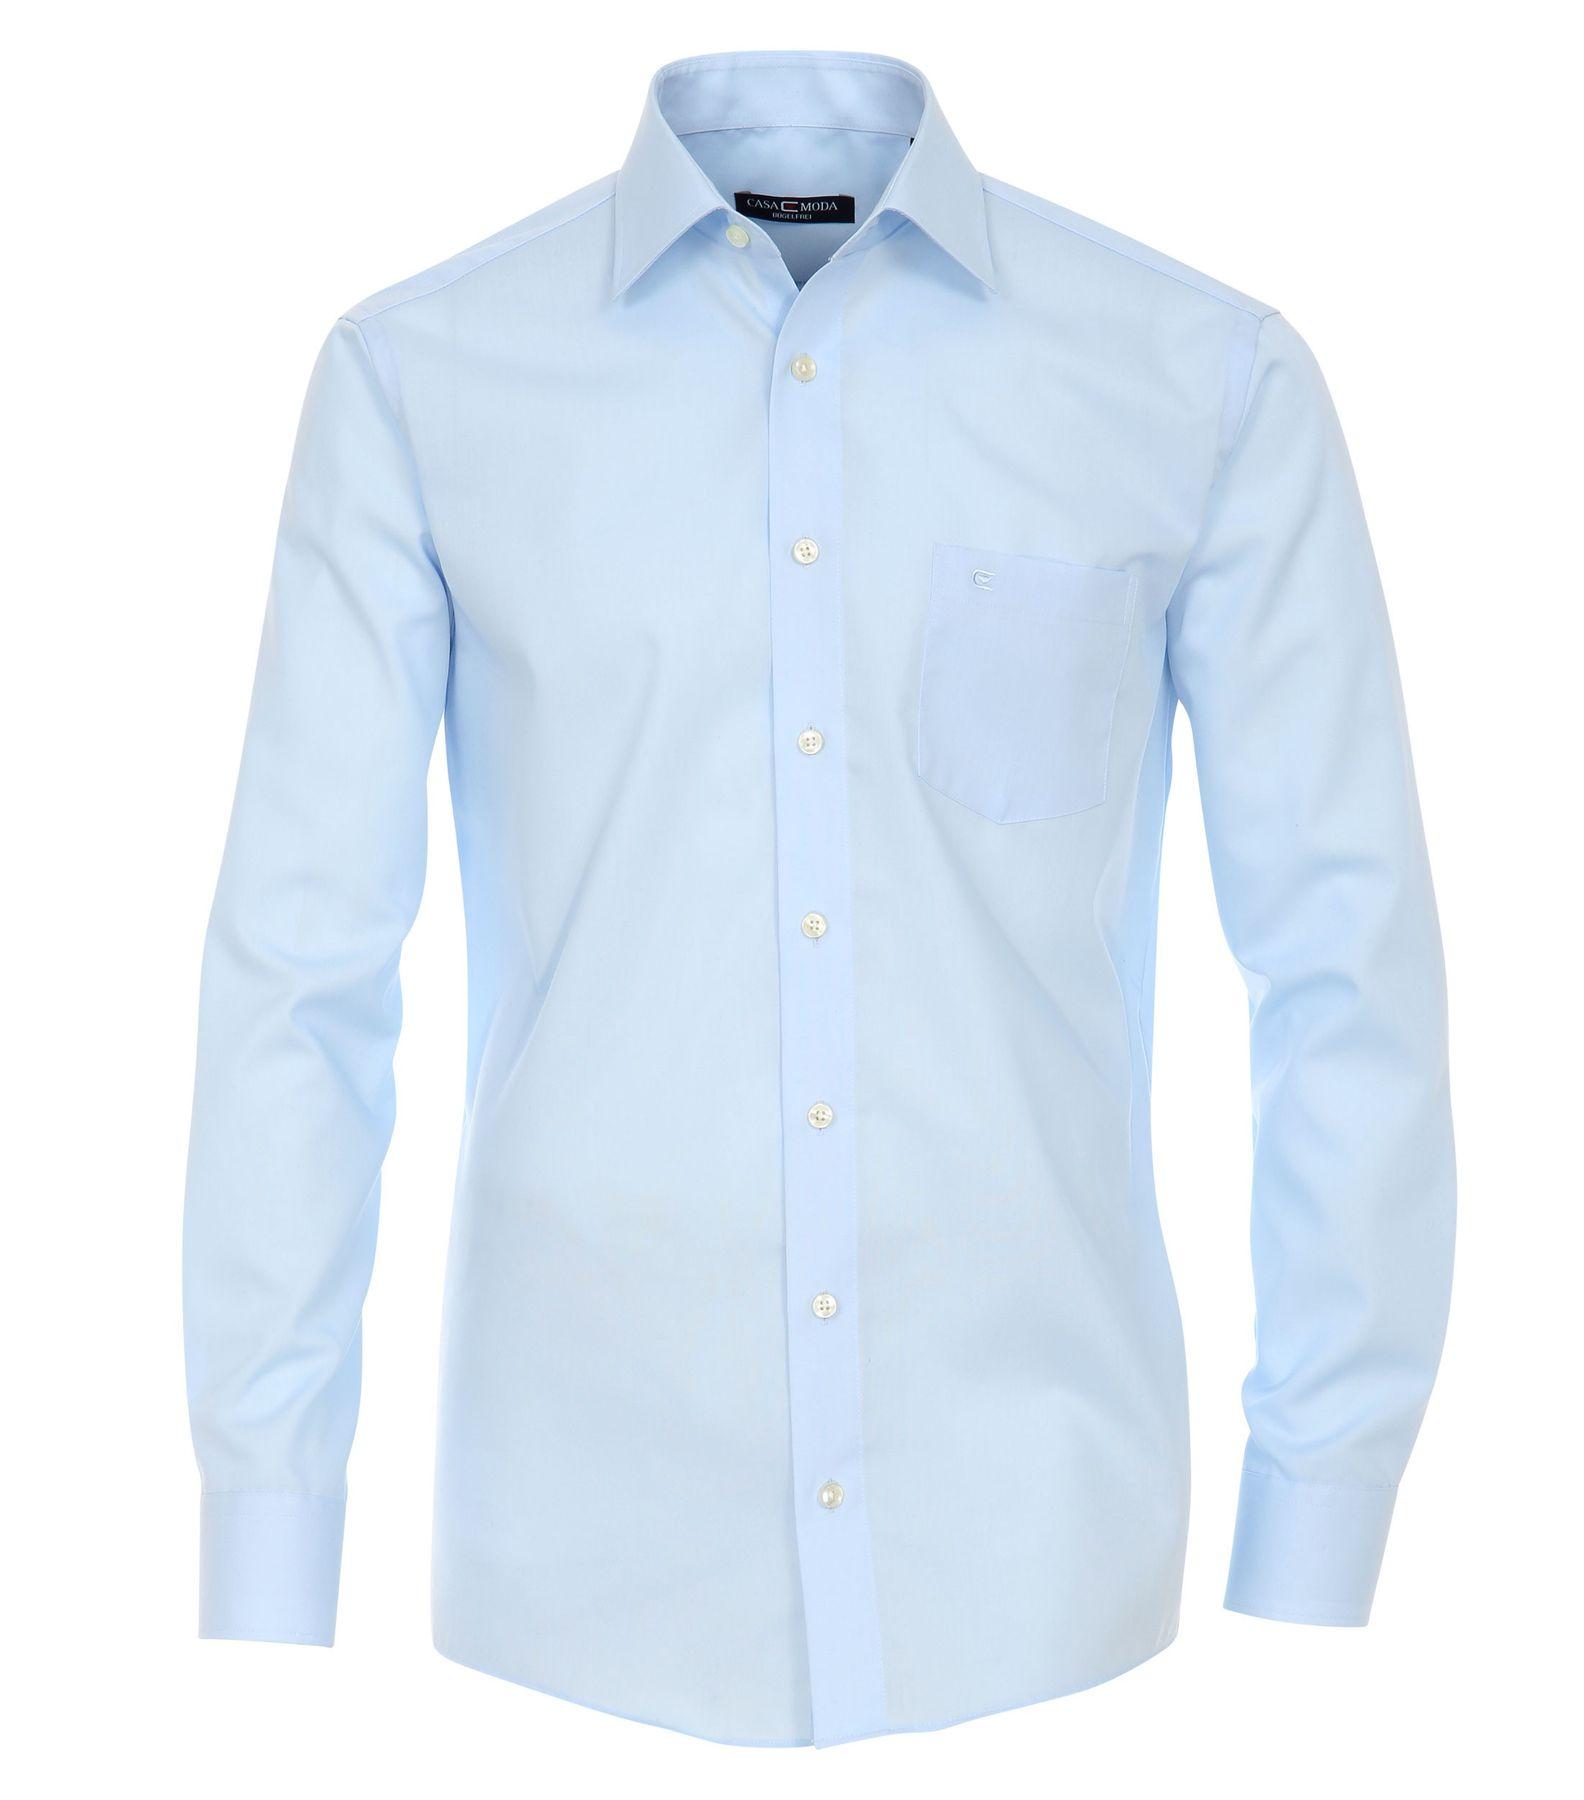 Casa Moda - Comfort Fit - Bügelfreies Herren Business langarm Hemd verschiedene Farben (006050) – Bild 11